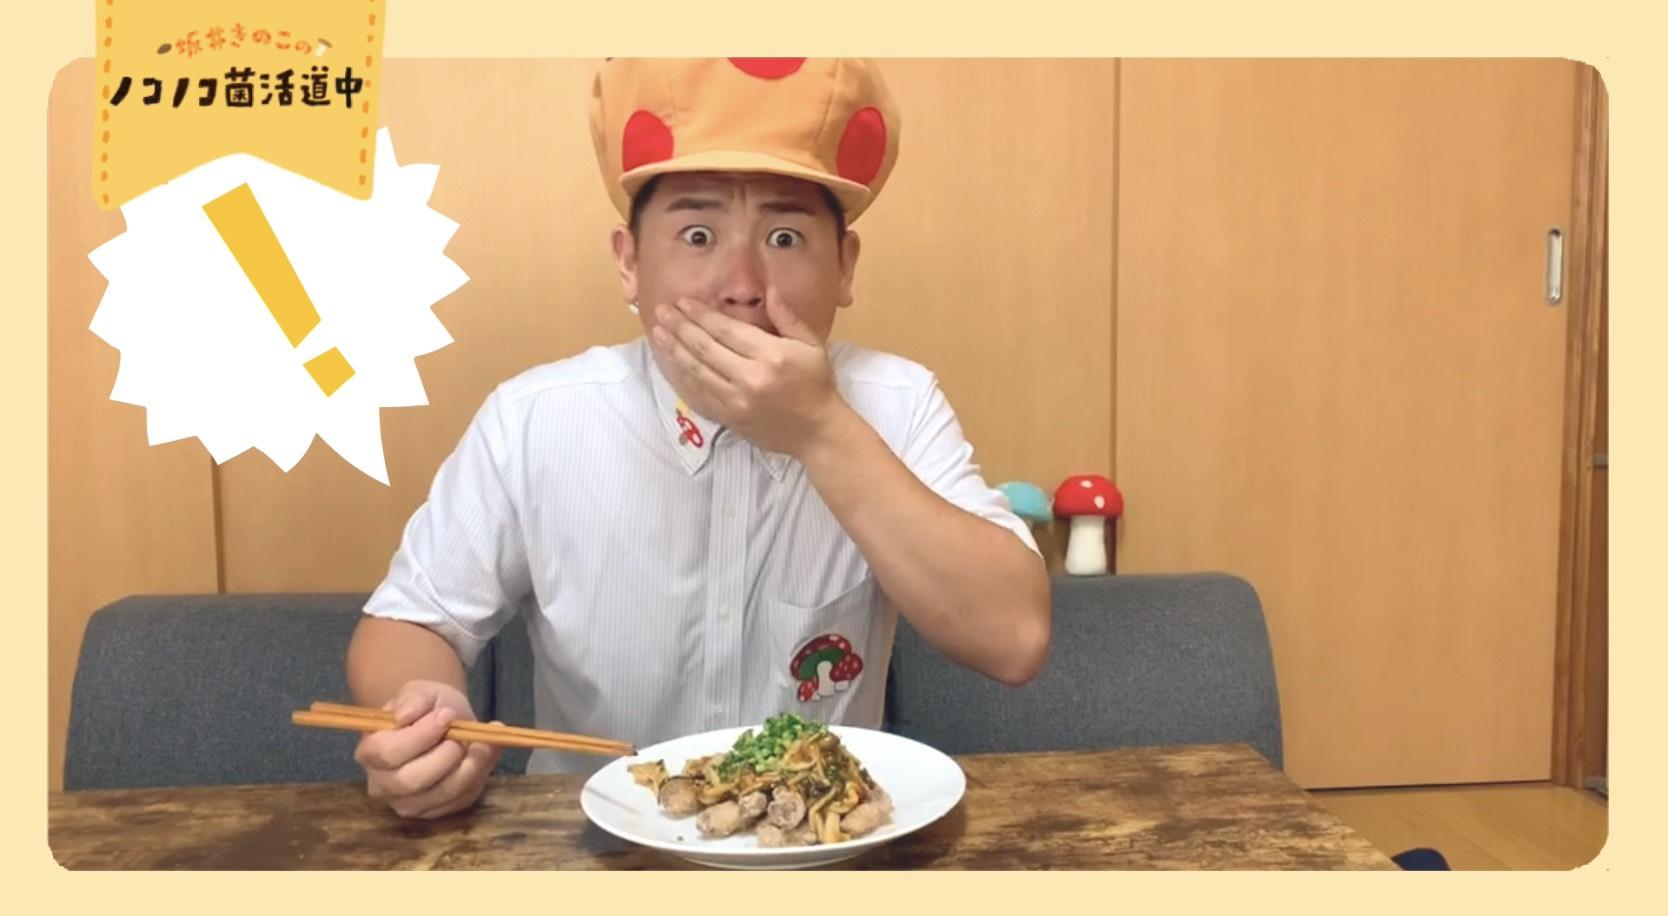 【坂井きのこのノコノコ菌活道中】vol.8~夏の疲れにきのこを食べてほしい!スタミナきのこレシピ